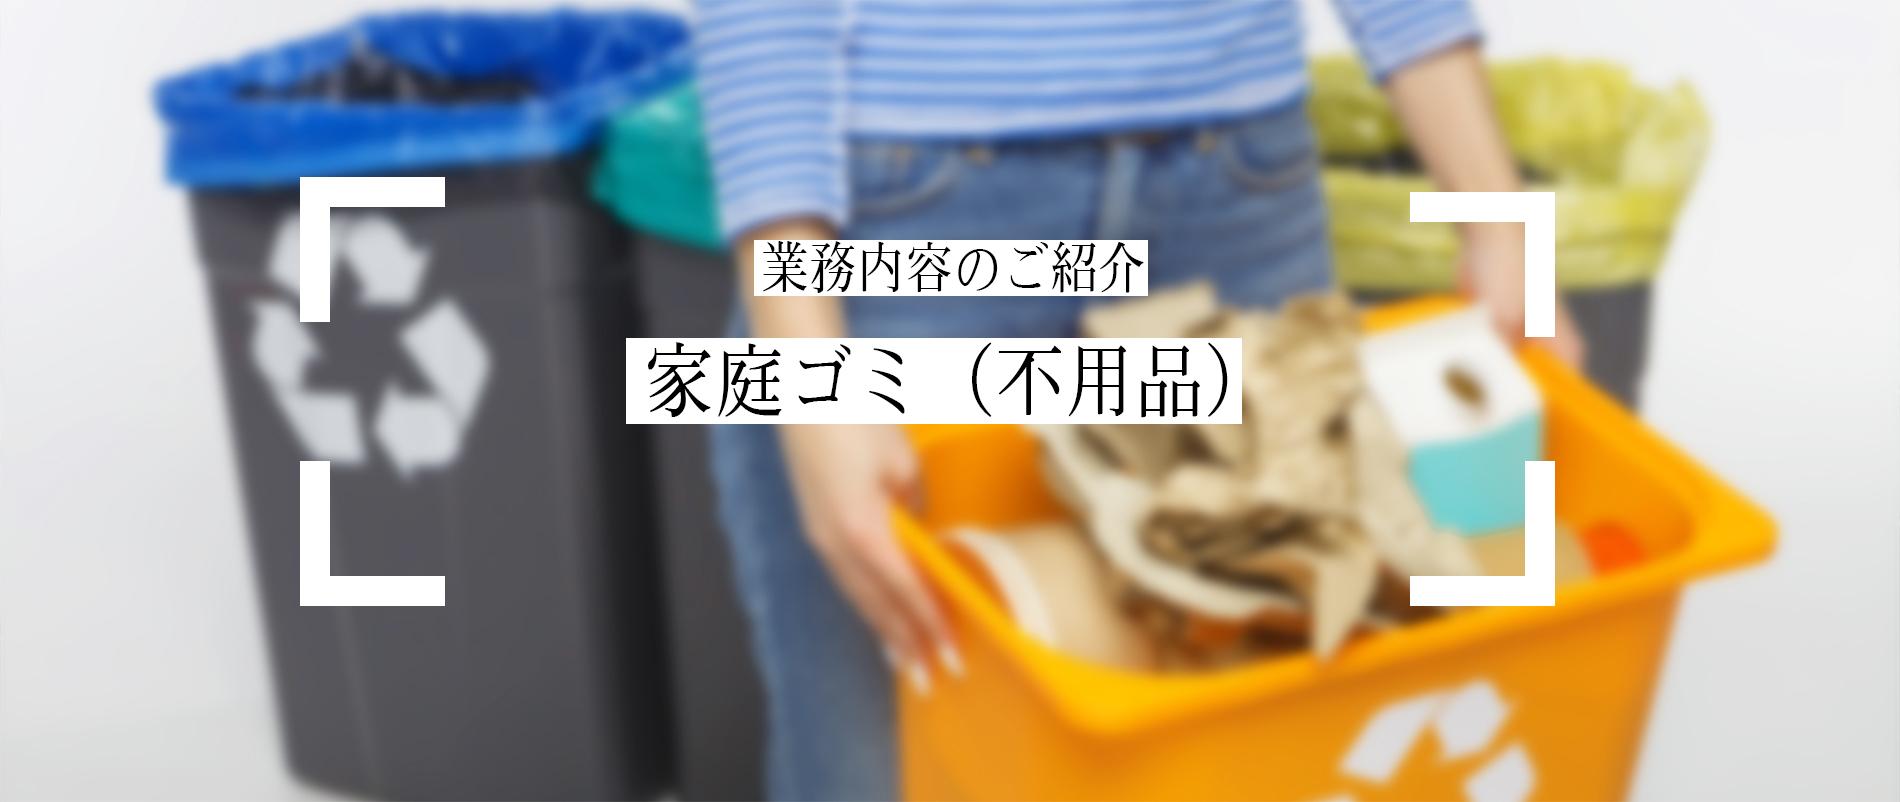 家庭ゴミ(不用品)